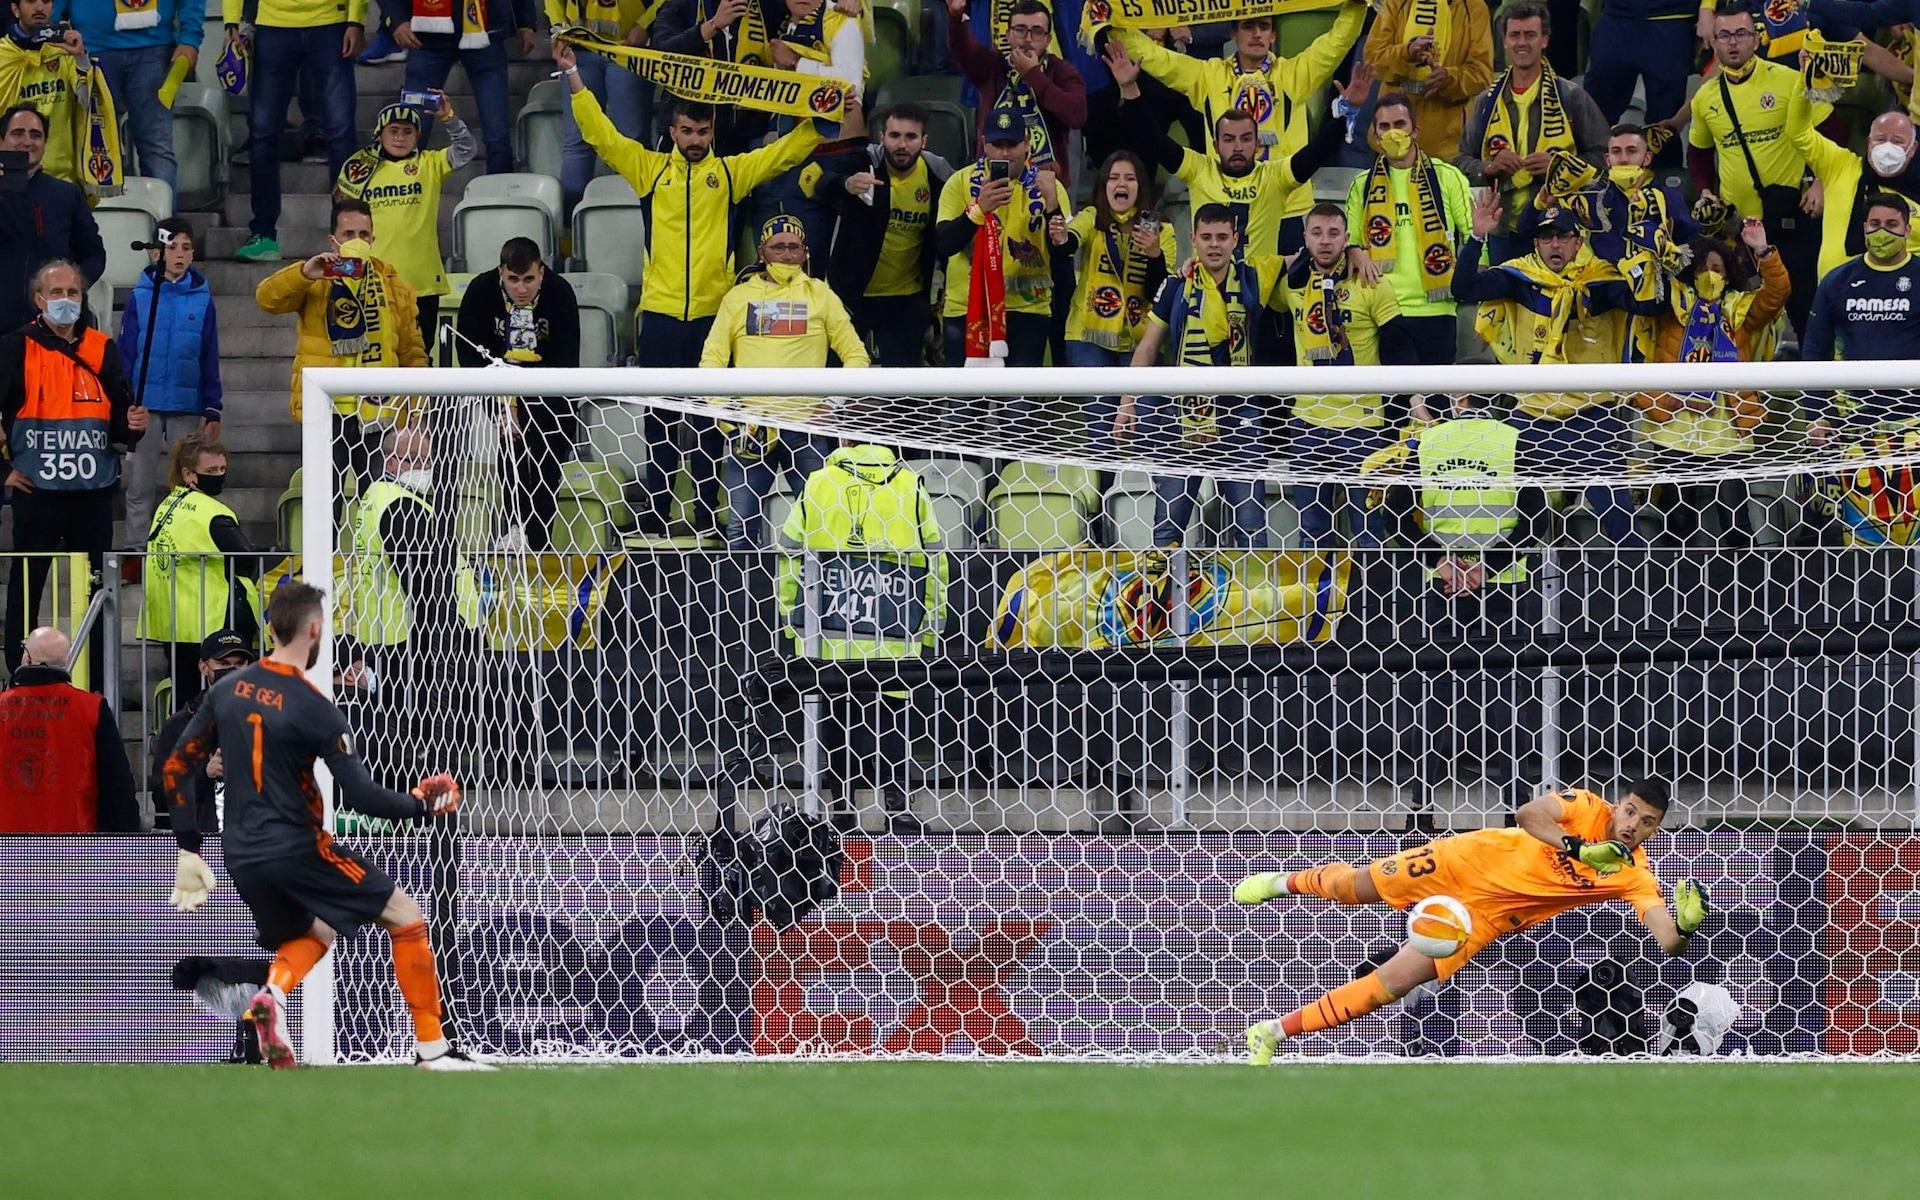 De Gea thất bại khi đá quả quyết định khiến Man Utd thua 10-11 trong loạt đá luân lưu. Ảnh: Reuters